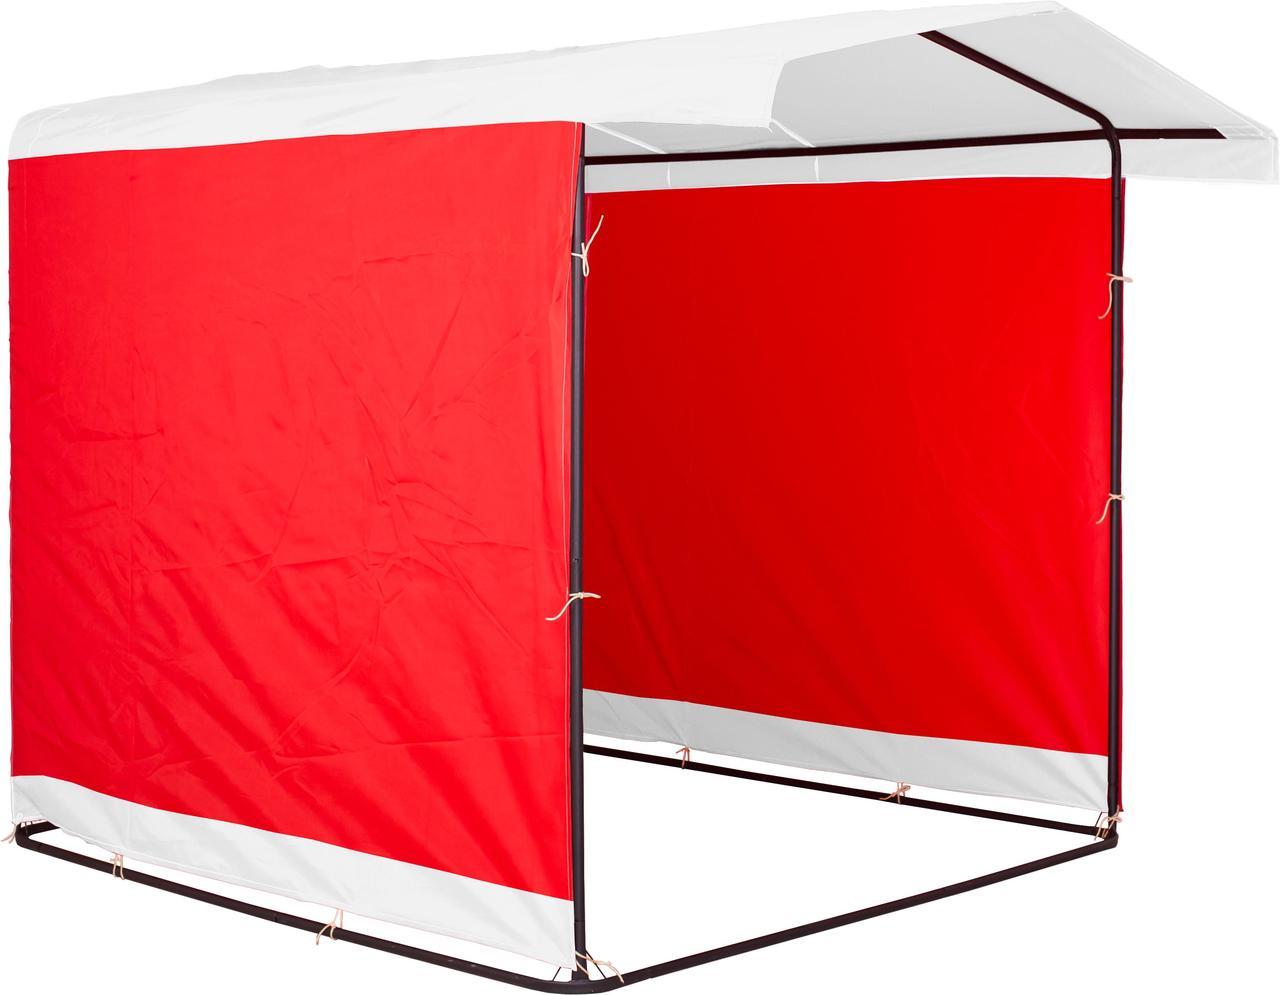 """Палатка для торговли 3х2 м """"Люкс"""" Ф20. Бесплатная доставка! Белый/Красный"""